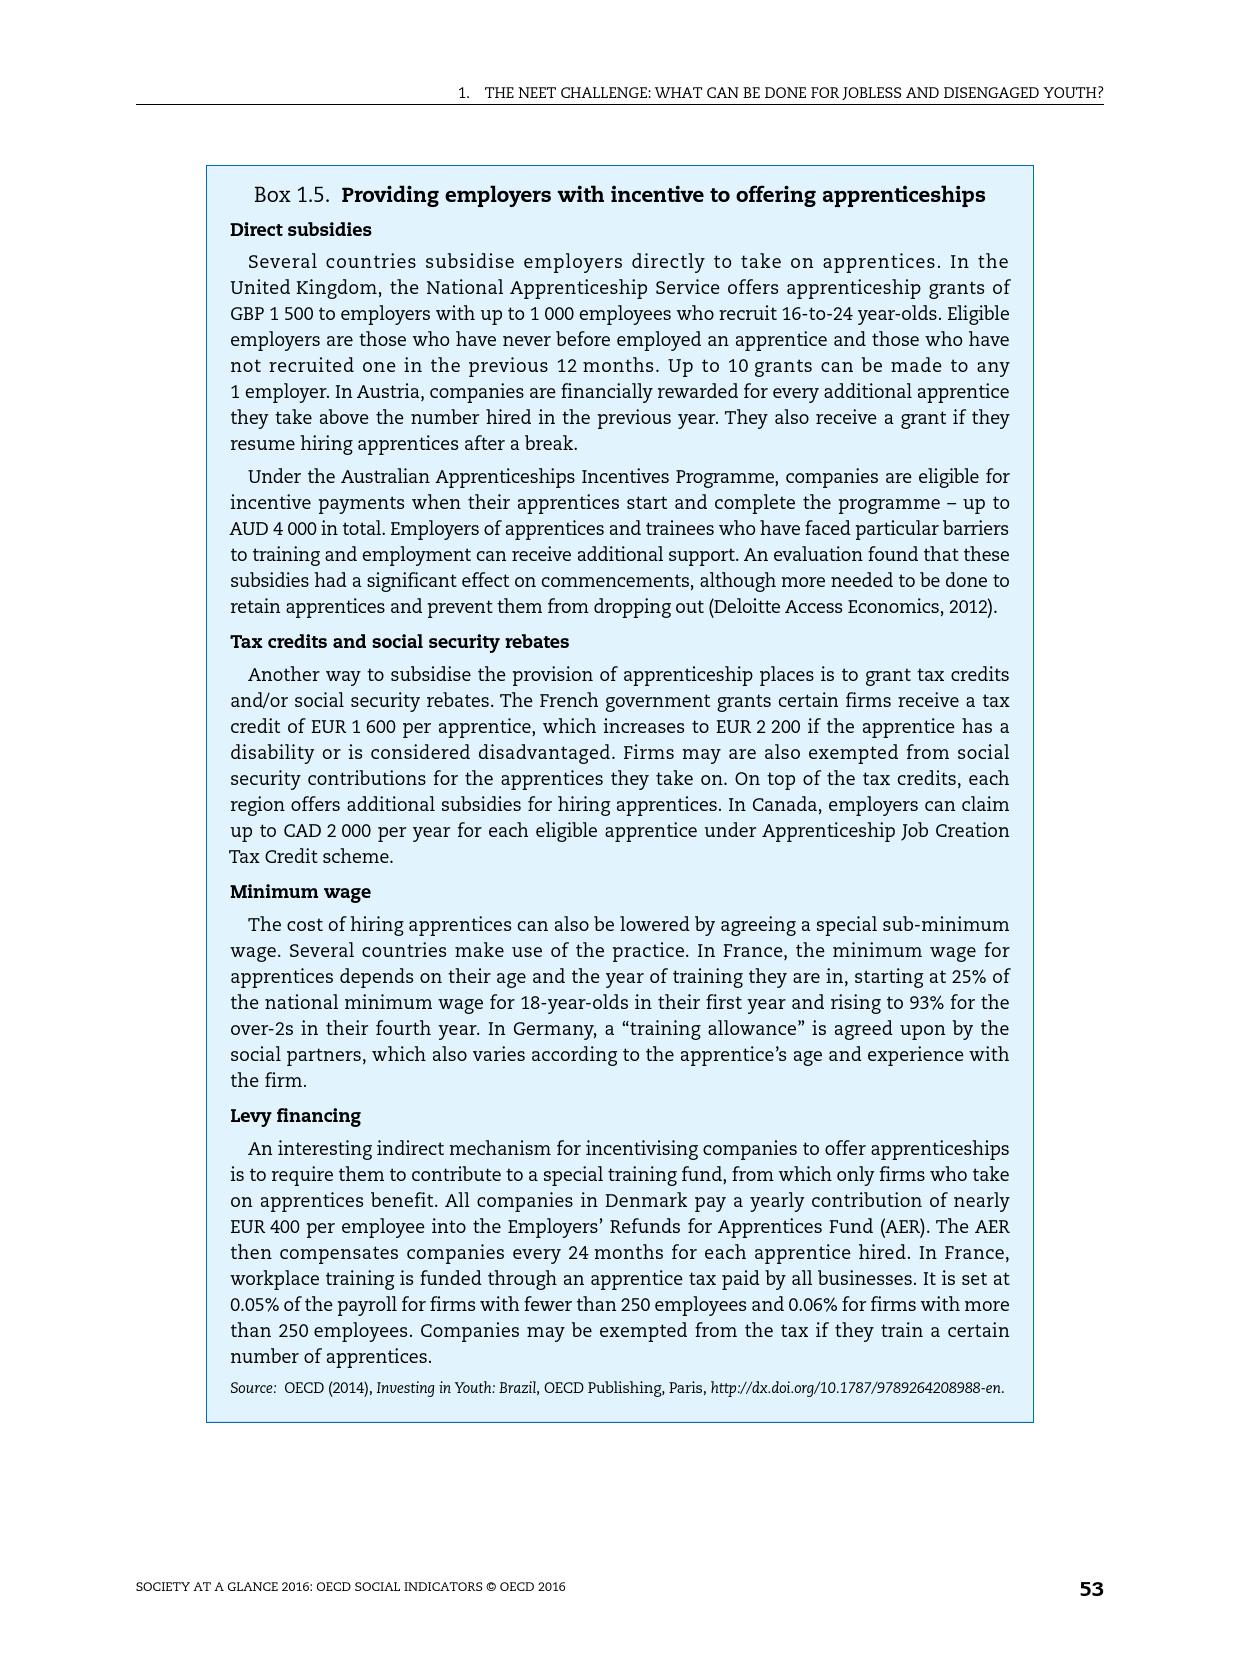 2016年OECD国家社会概览报告_000055